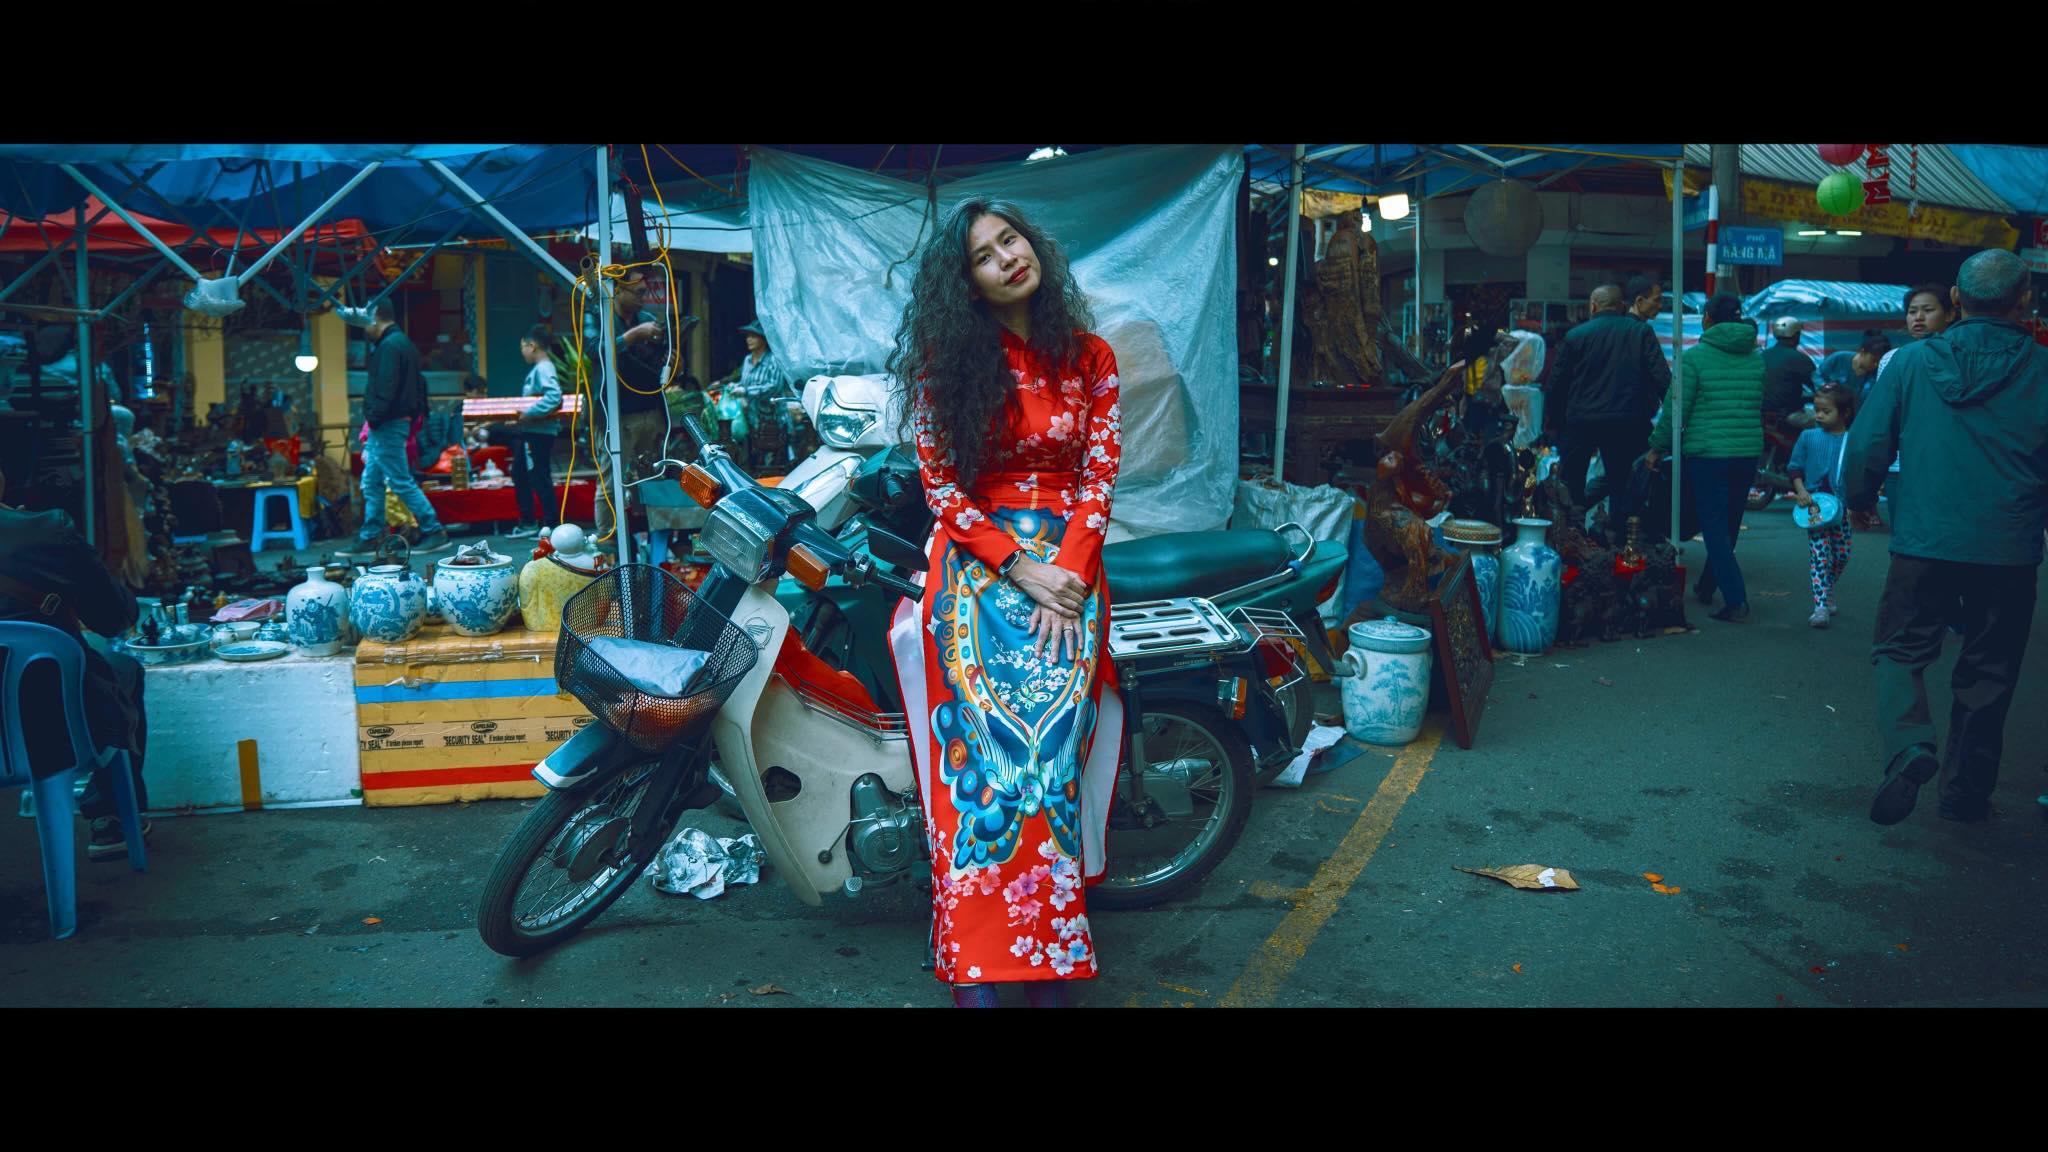 ntk thủy nguyễn chia sẻ về tình hình local brand Việt trong dịch COVID-19